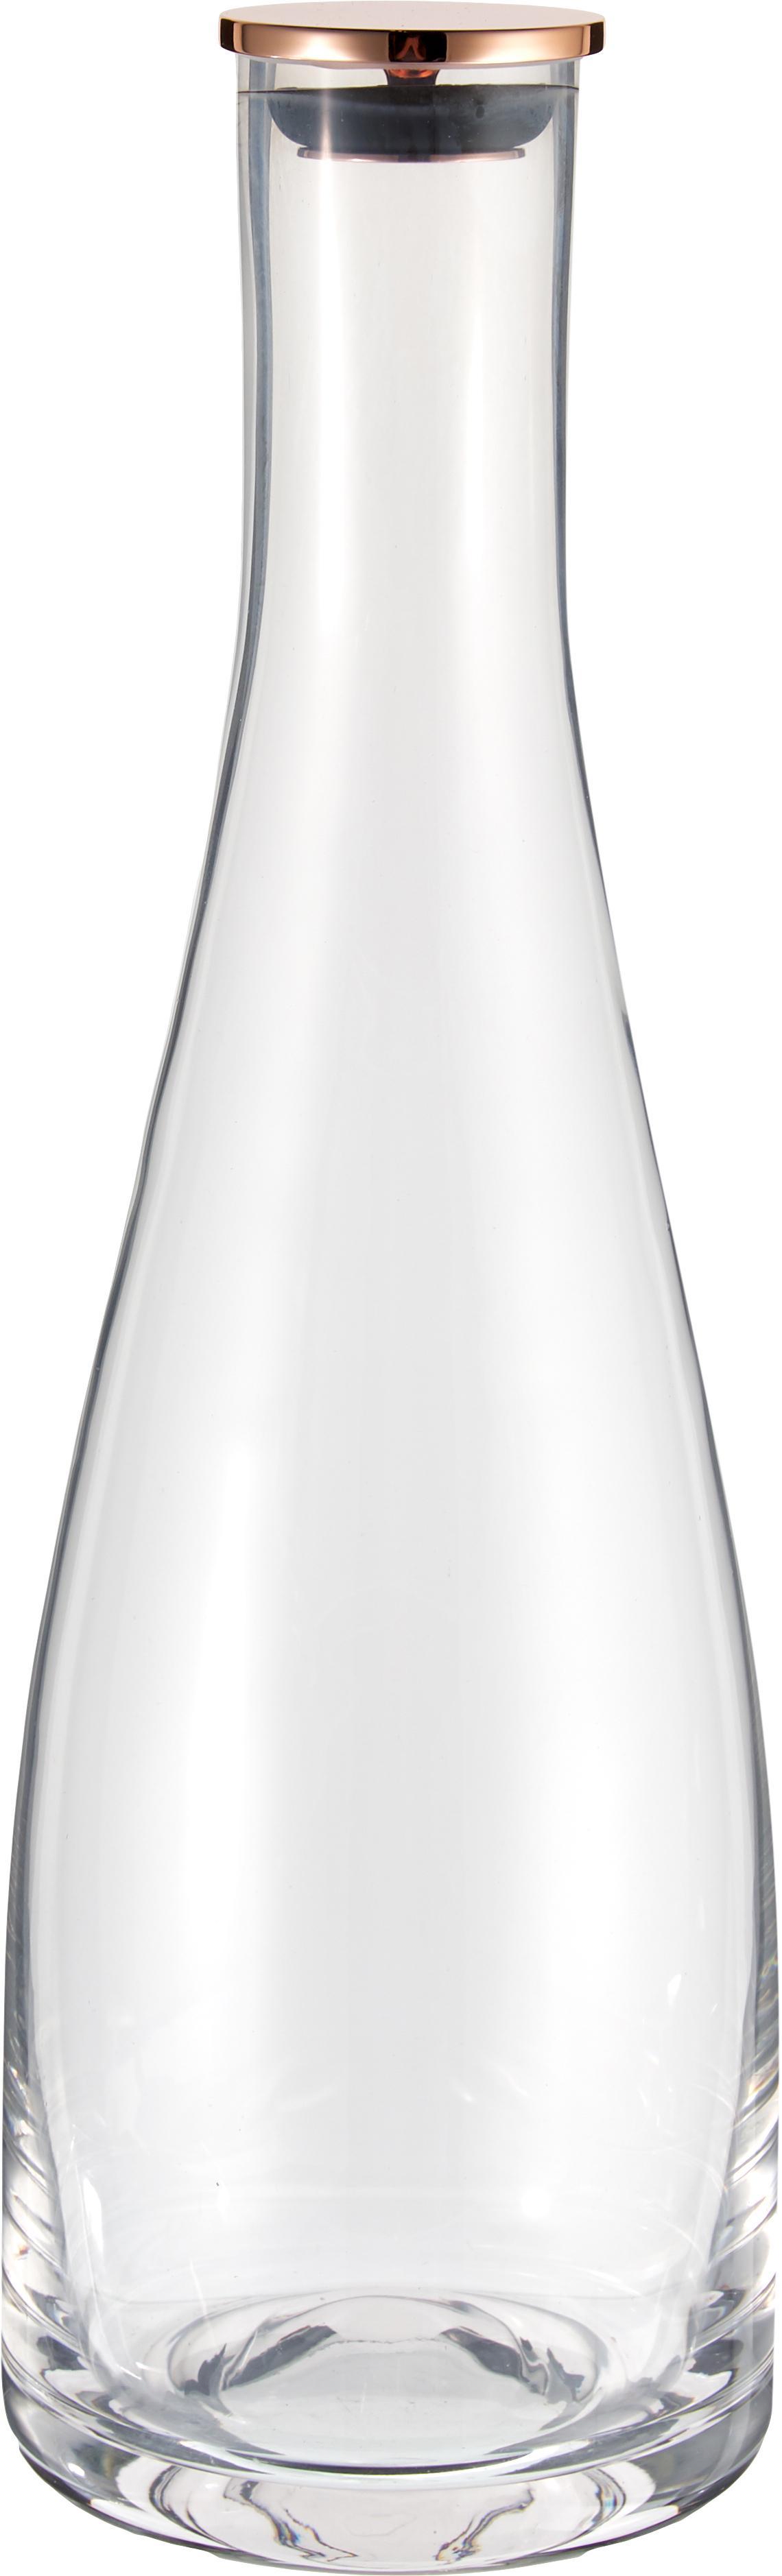 Bottiglia in vetro Flow, Vetro, Trasparente, 1 l